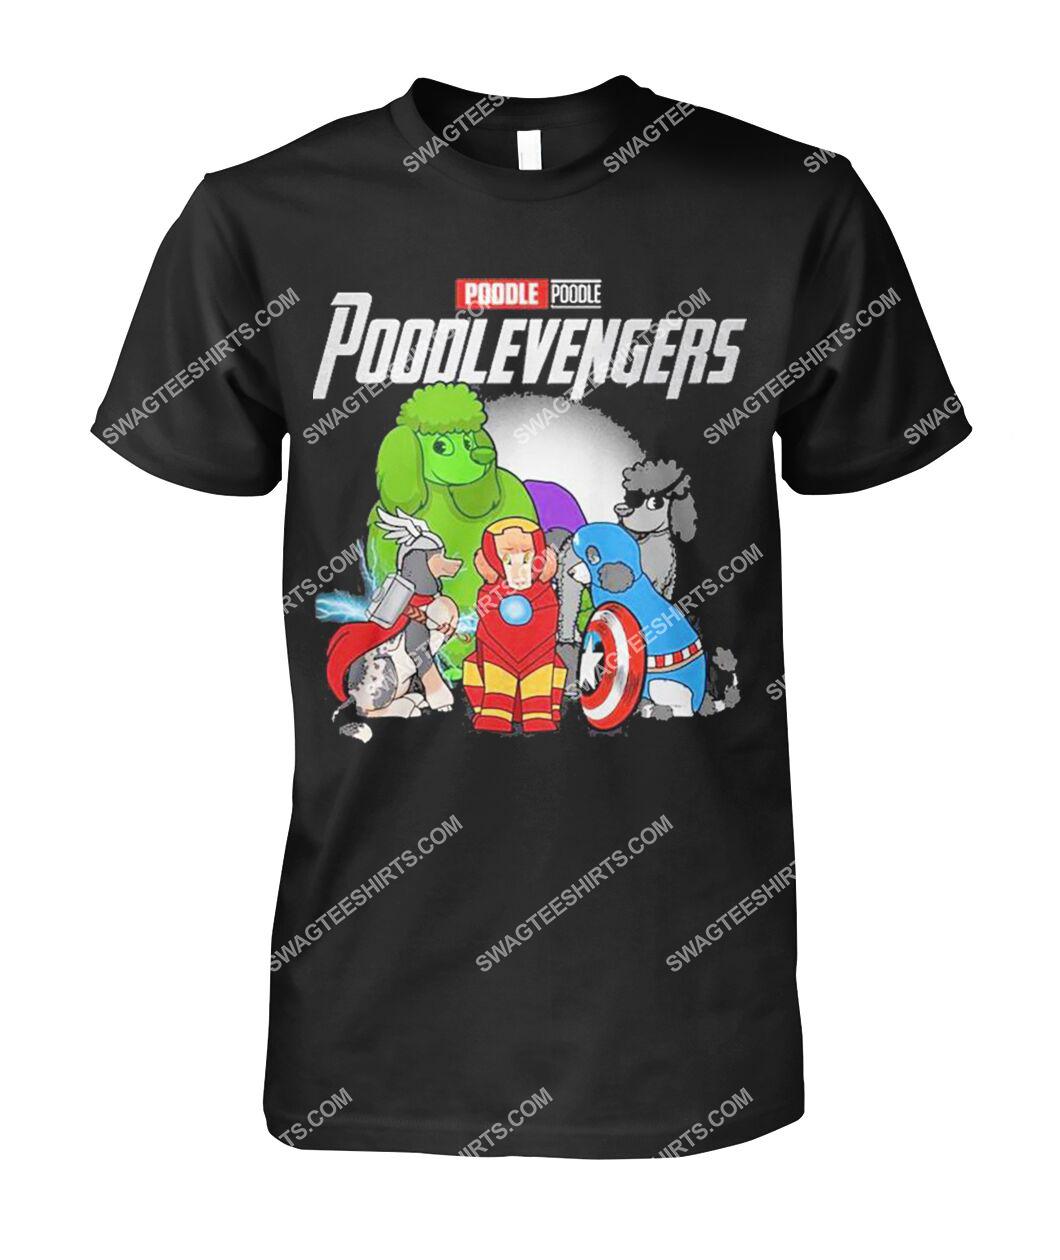 poodle poodlevengers marvel avengers dogs lover tshirt 1